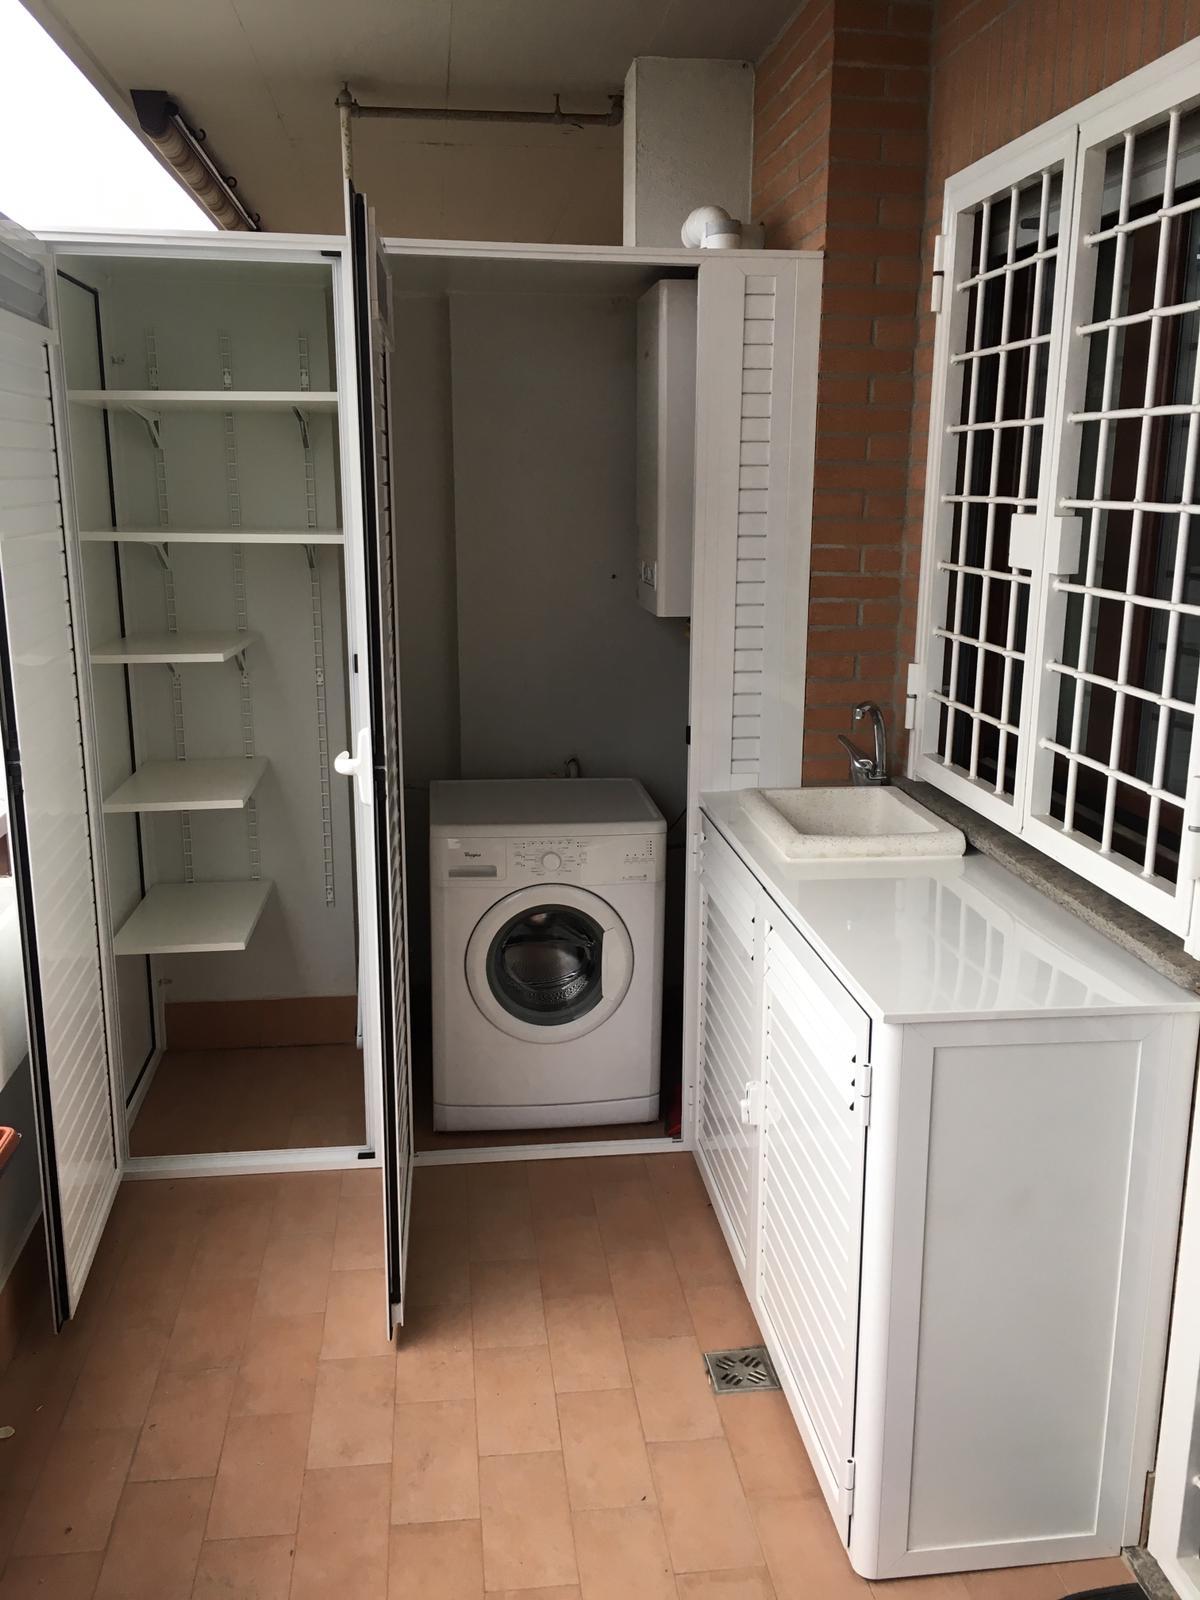 Fotografia di un armadio in alluminio bianco Ral 9010 a doghe chiuse e in parte aperte coprilavatrice e caldaia, parte bassa con top in lamiera e lavandino a incasso in marmo (aperto).